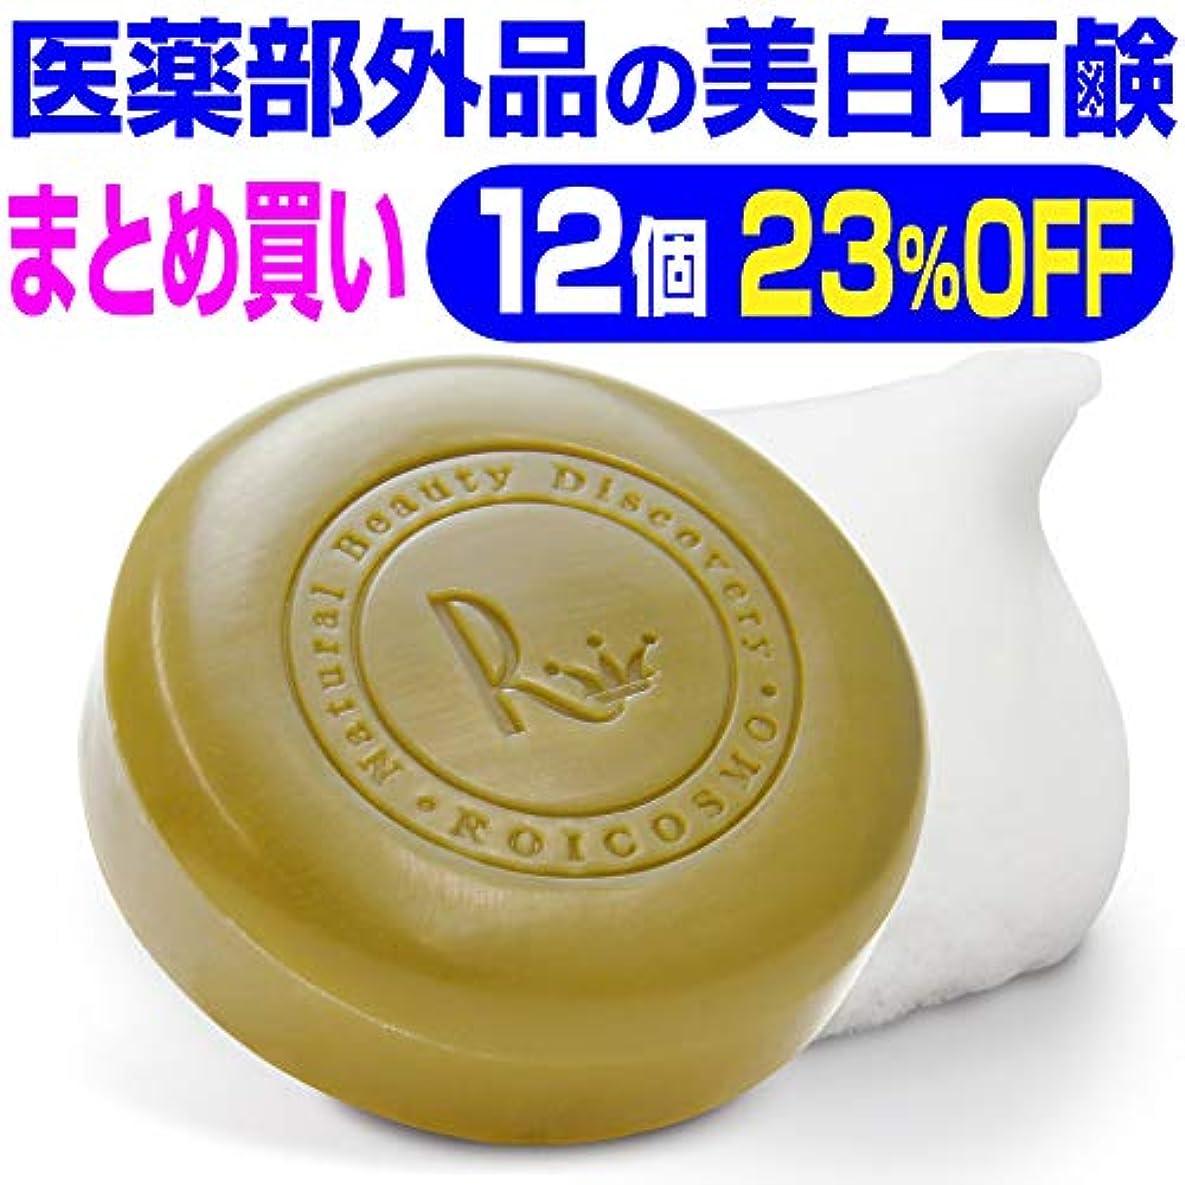 苦悩口頭従順な12個まとめ買い23%OFF 美白石鹸/ビタミンC270倍の美白成分配合の 洗顔石鹸『ホワイトソープ100g×12個』